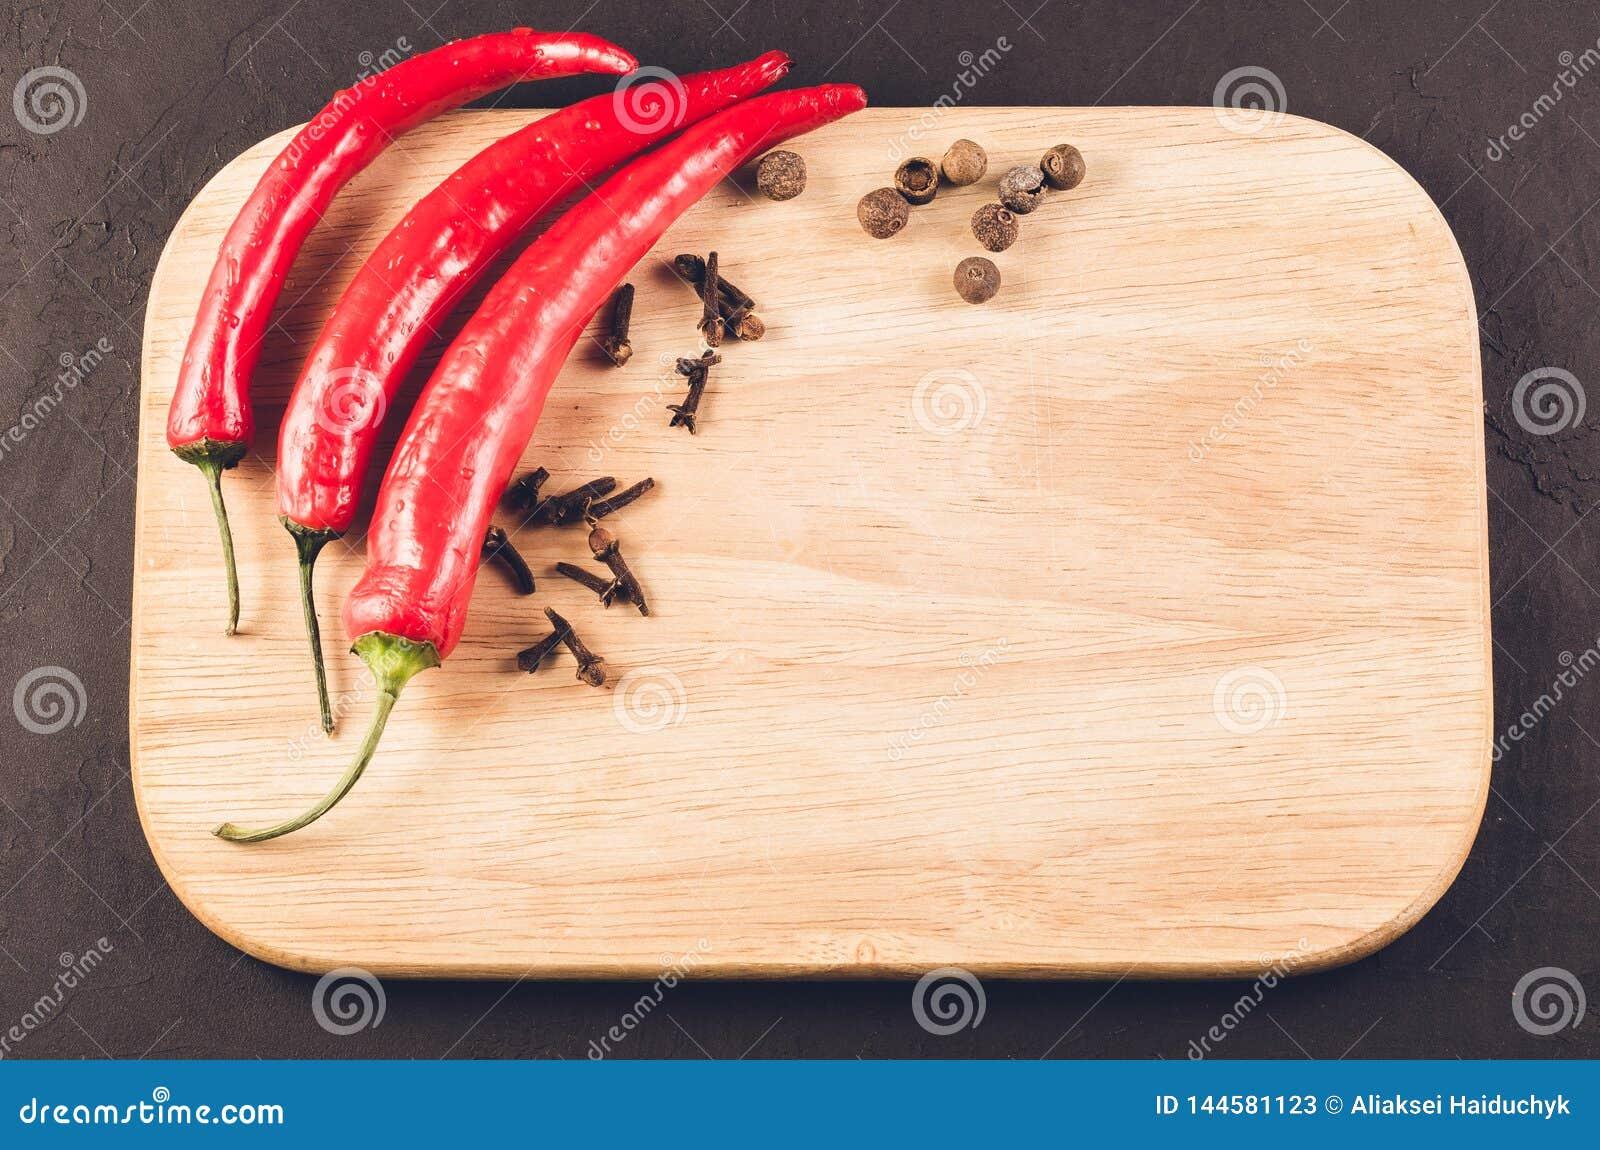 Poivrons et ?pices sur une planche ? d?couper vide/poivrons de piment d un rouge ardent et ?pices d un rouge ardent de piment sur